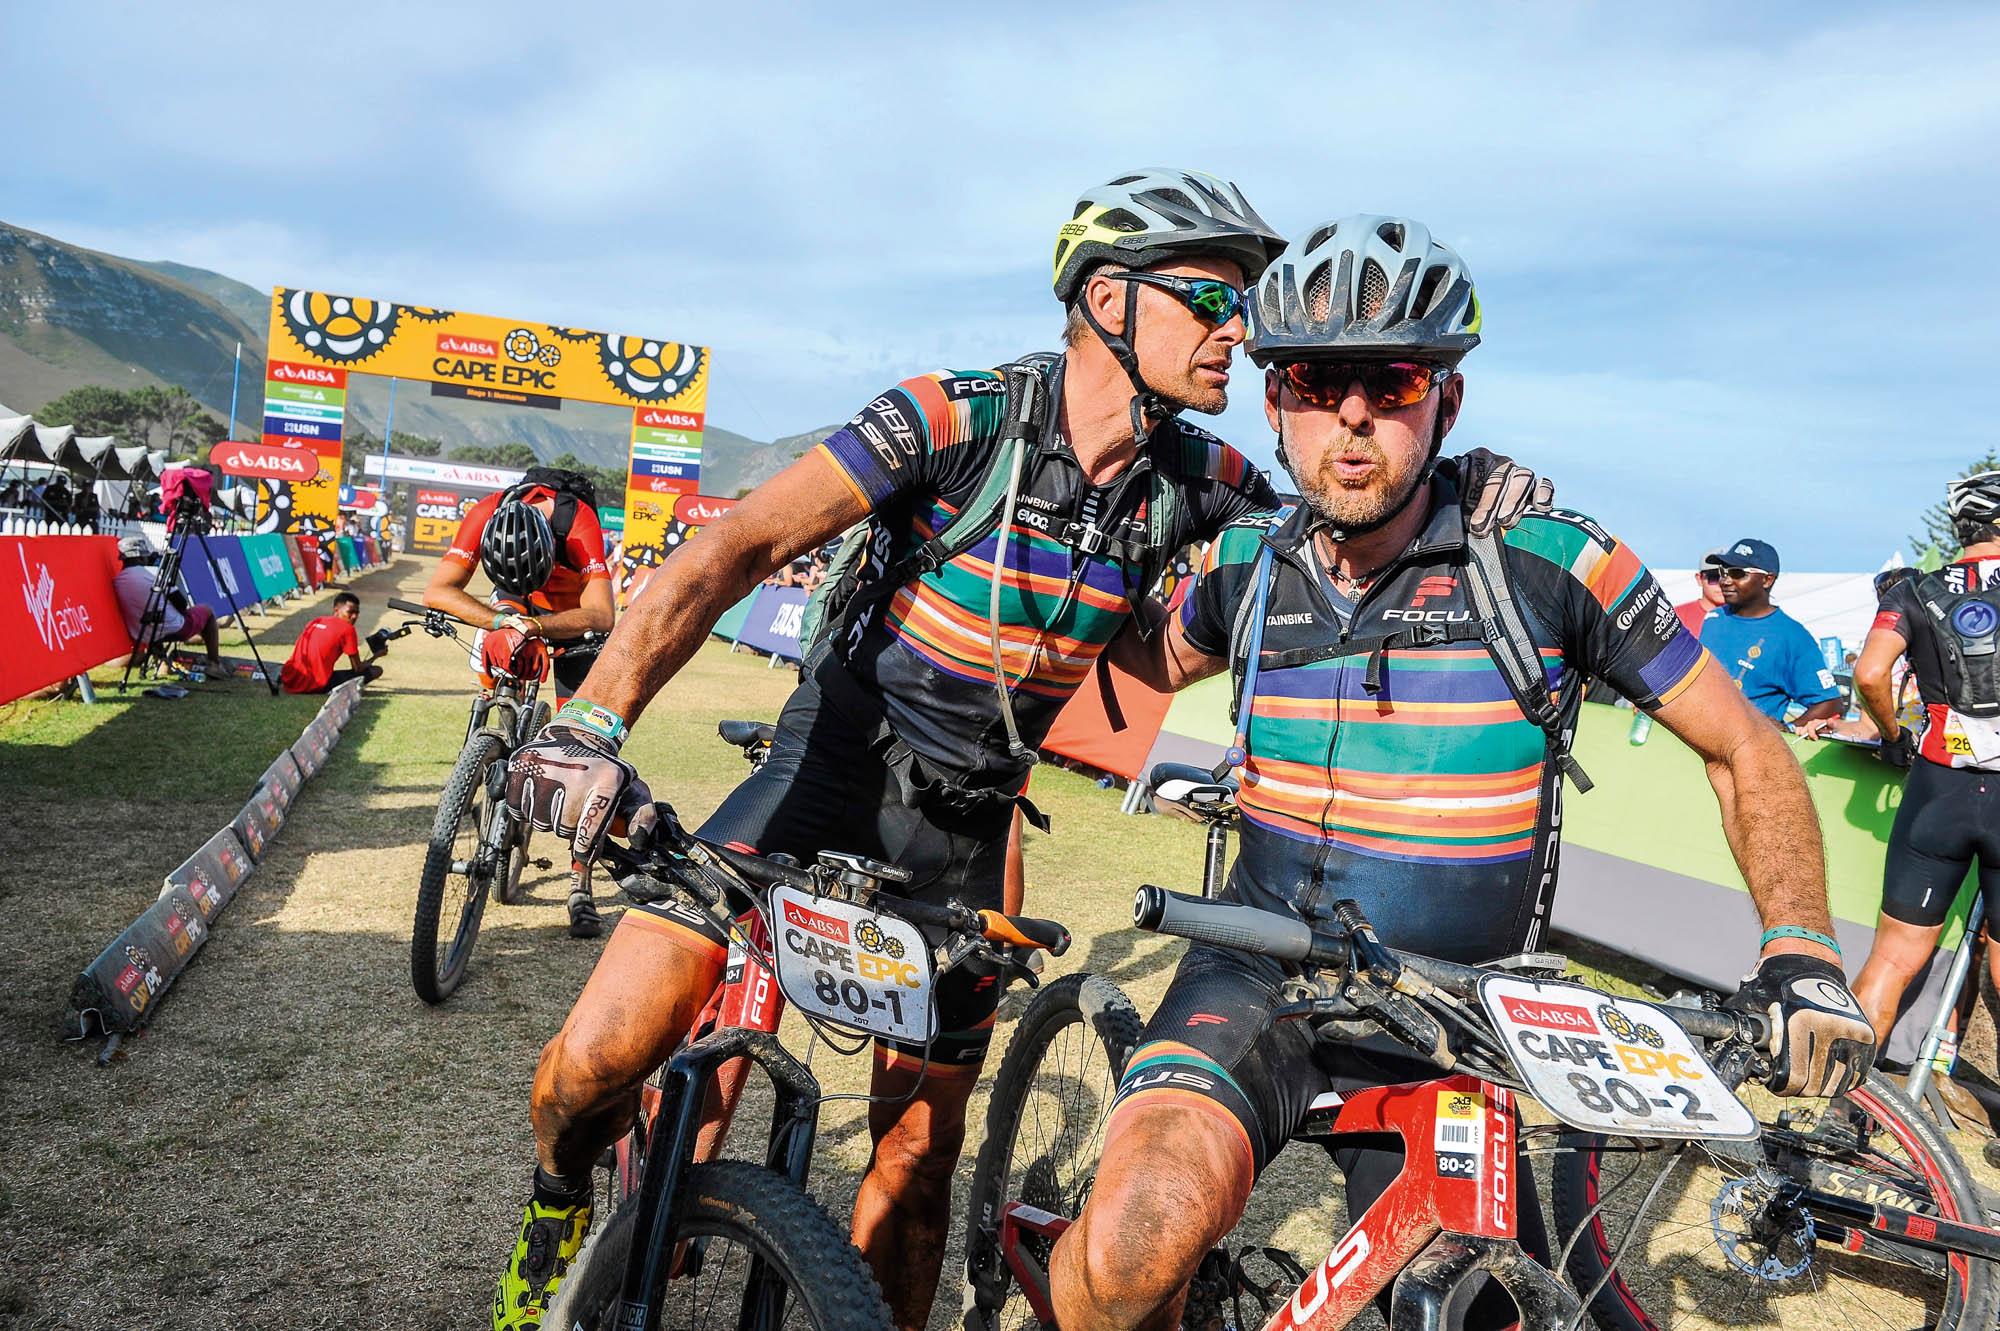 Mike Kluge und ich im Ziel der ersten Etappe beim Cape Epic.